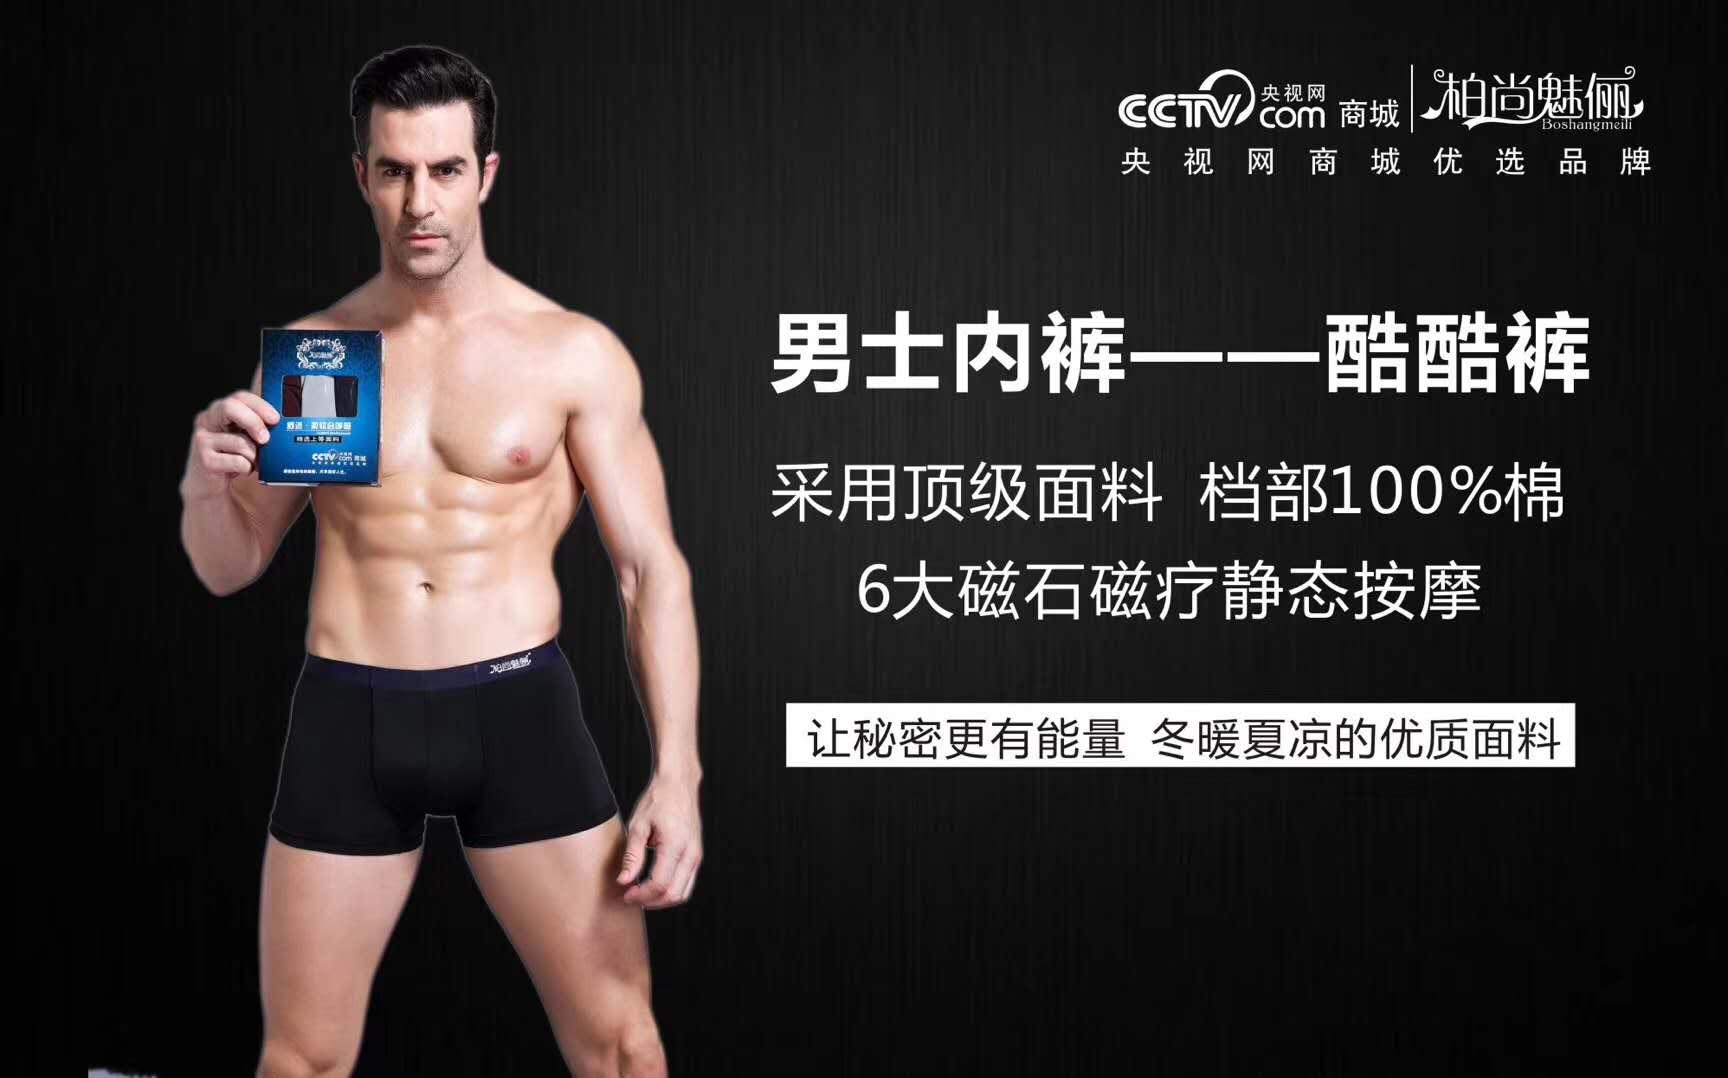 柏尚魅俪品牌男士酷酷裤最好的礼物